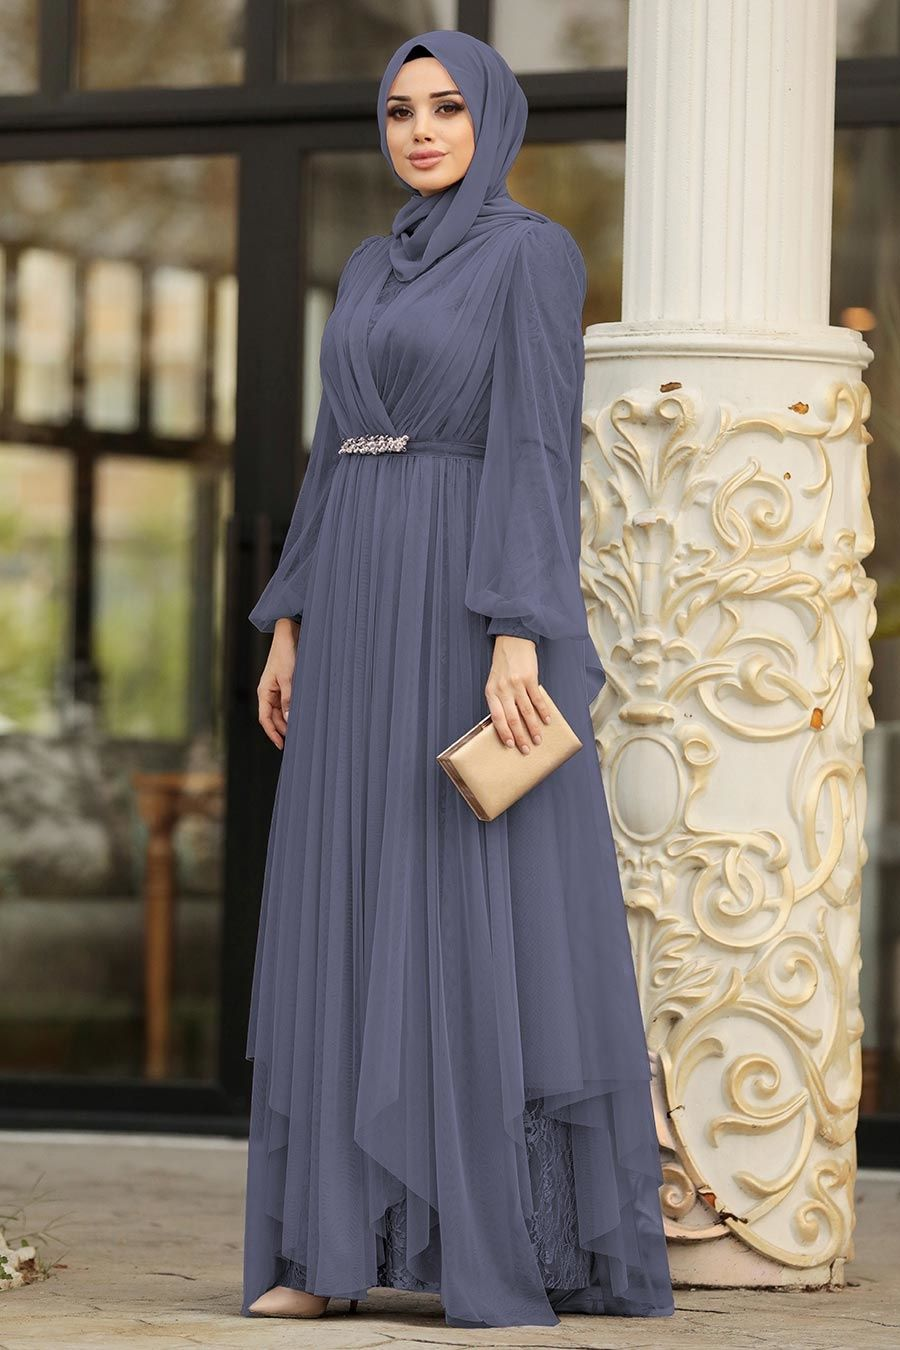 Tesetturlu Abiye Elbise Tullu Indigo Mavisi Tesettur Abiye Elbise 39480im Tesetturisland Com Elbise Islami Giyim Elbise Ayakkabi